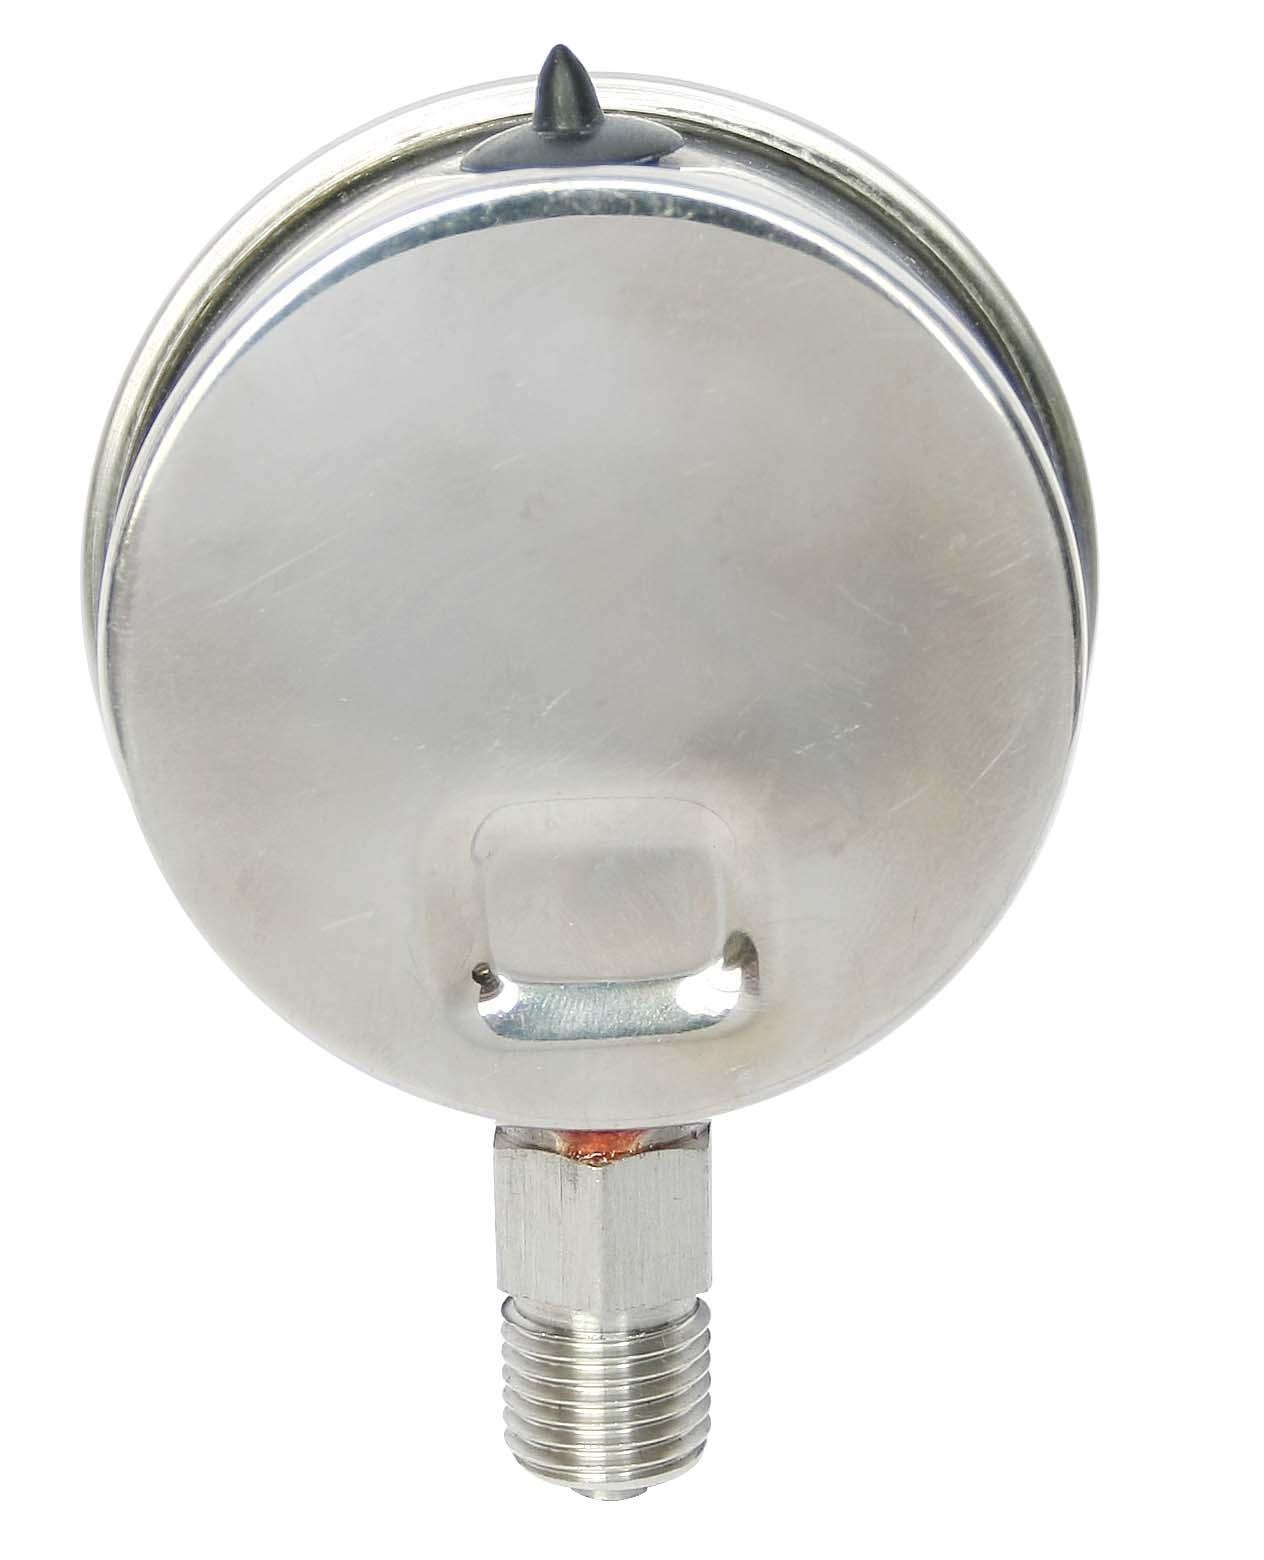 不鏽鋼耐震壓力表 耐震不鏽鋼壓力表 4